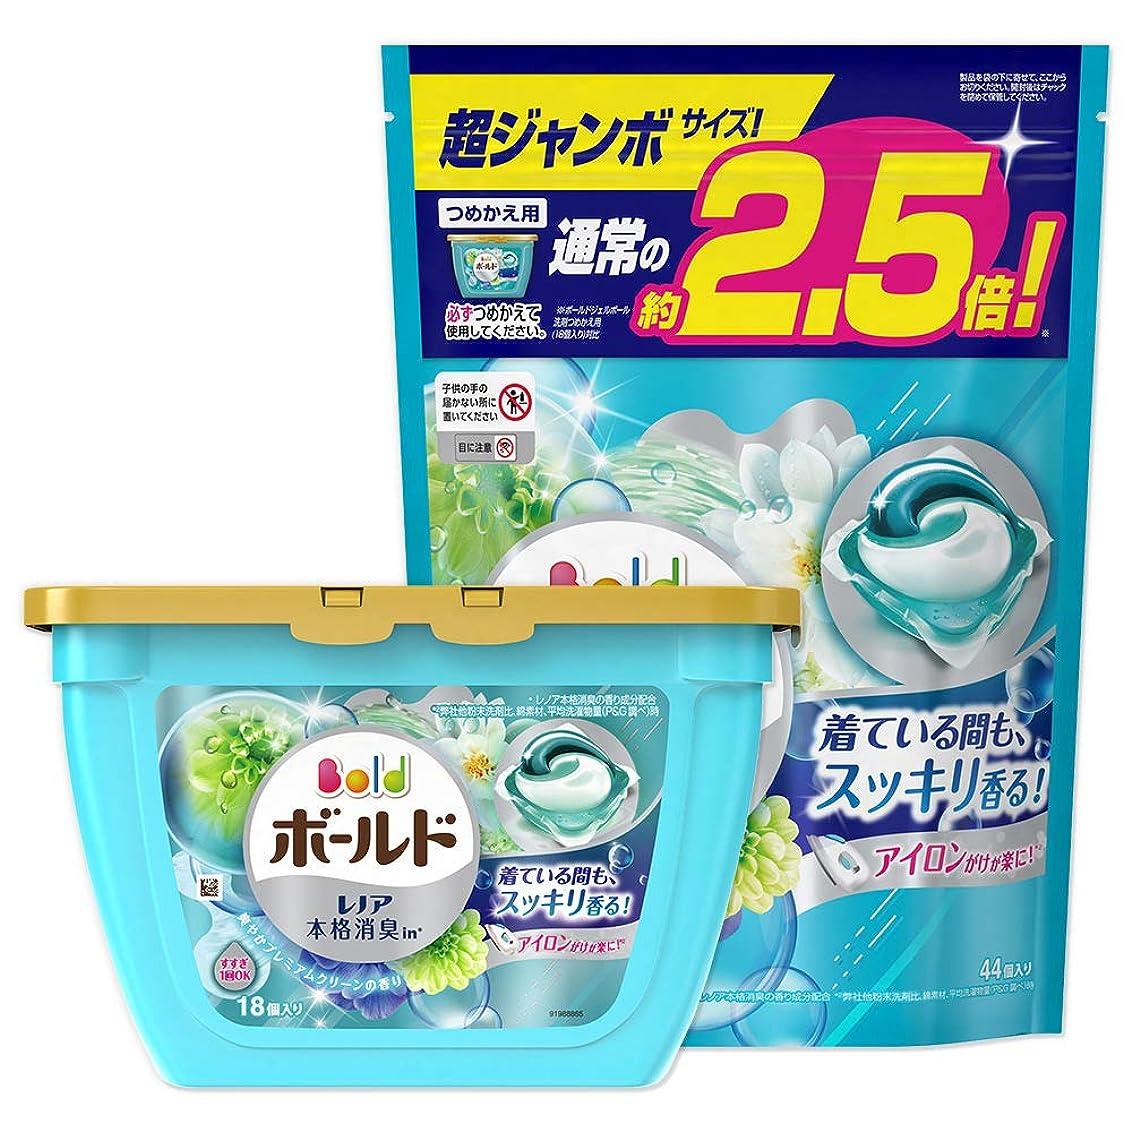 ルアー勇気掃く【まとめ買い】 ボールド 洗濯洗剤 ジェルボール3D 爽やかプレミアムクリーンの香り 本体 18個入 + 詰め替え 超ジャンボ 44個入